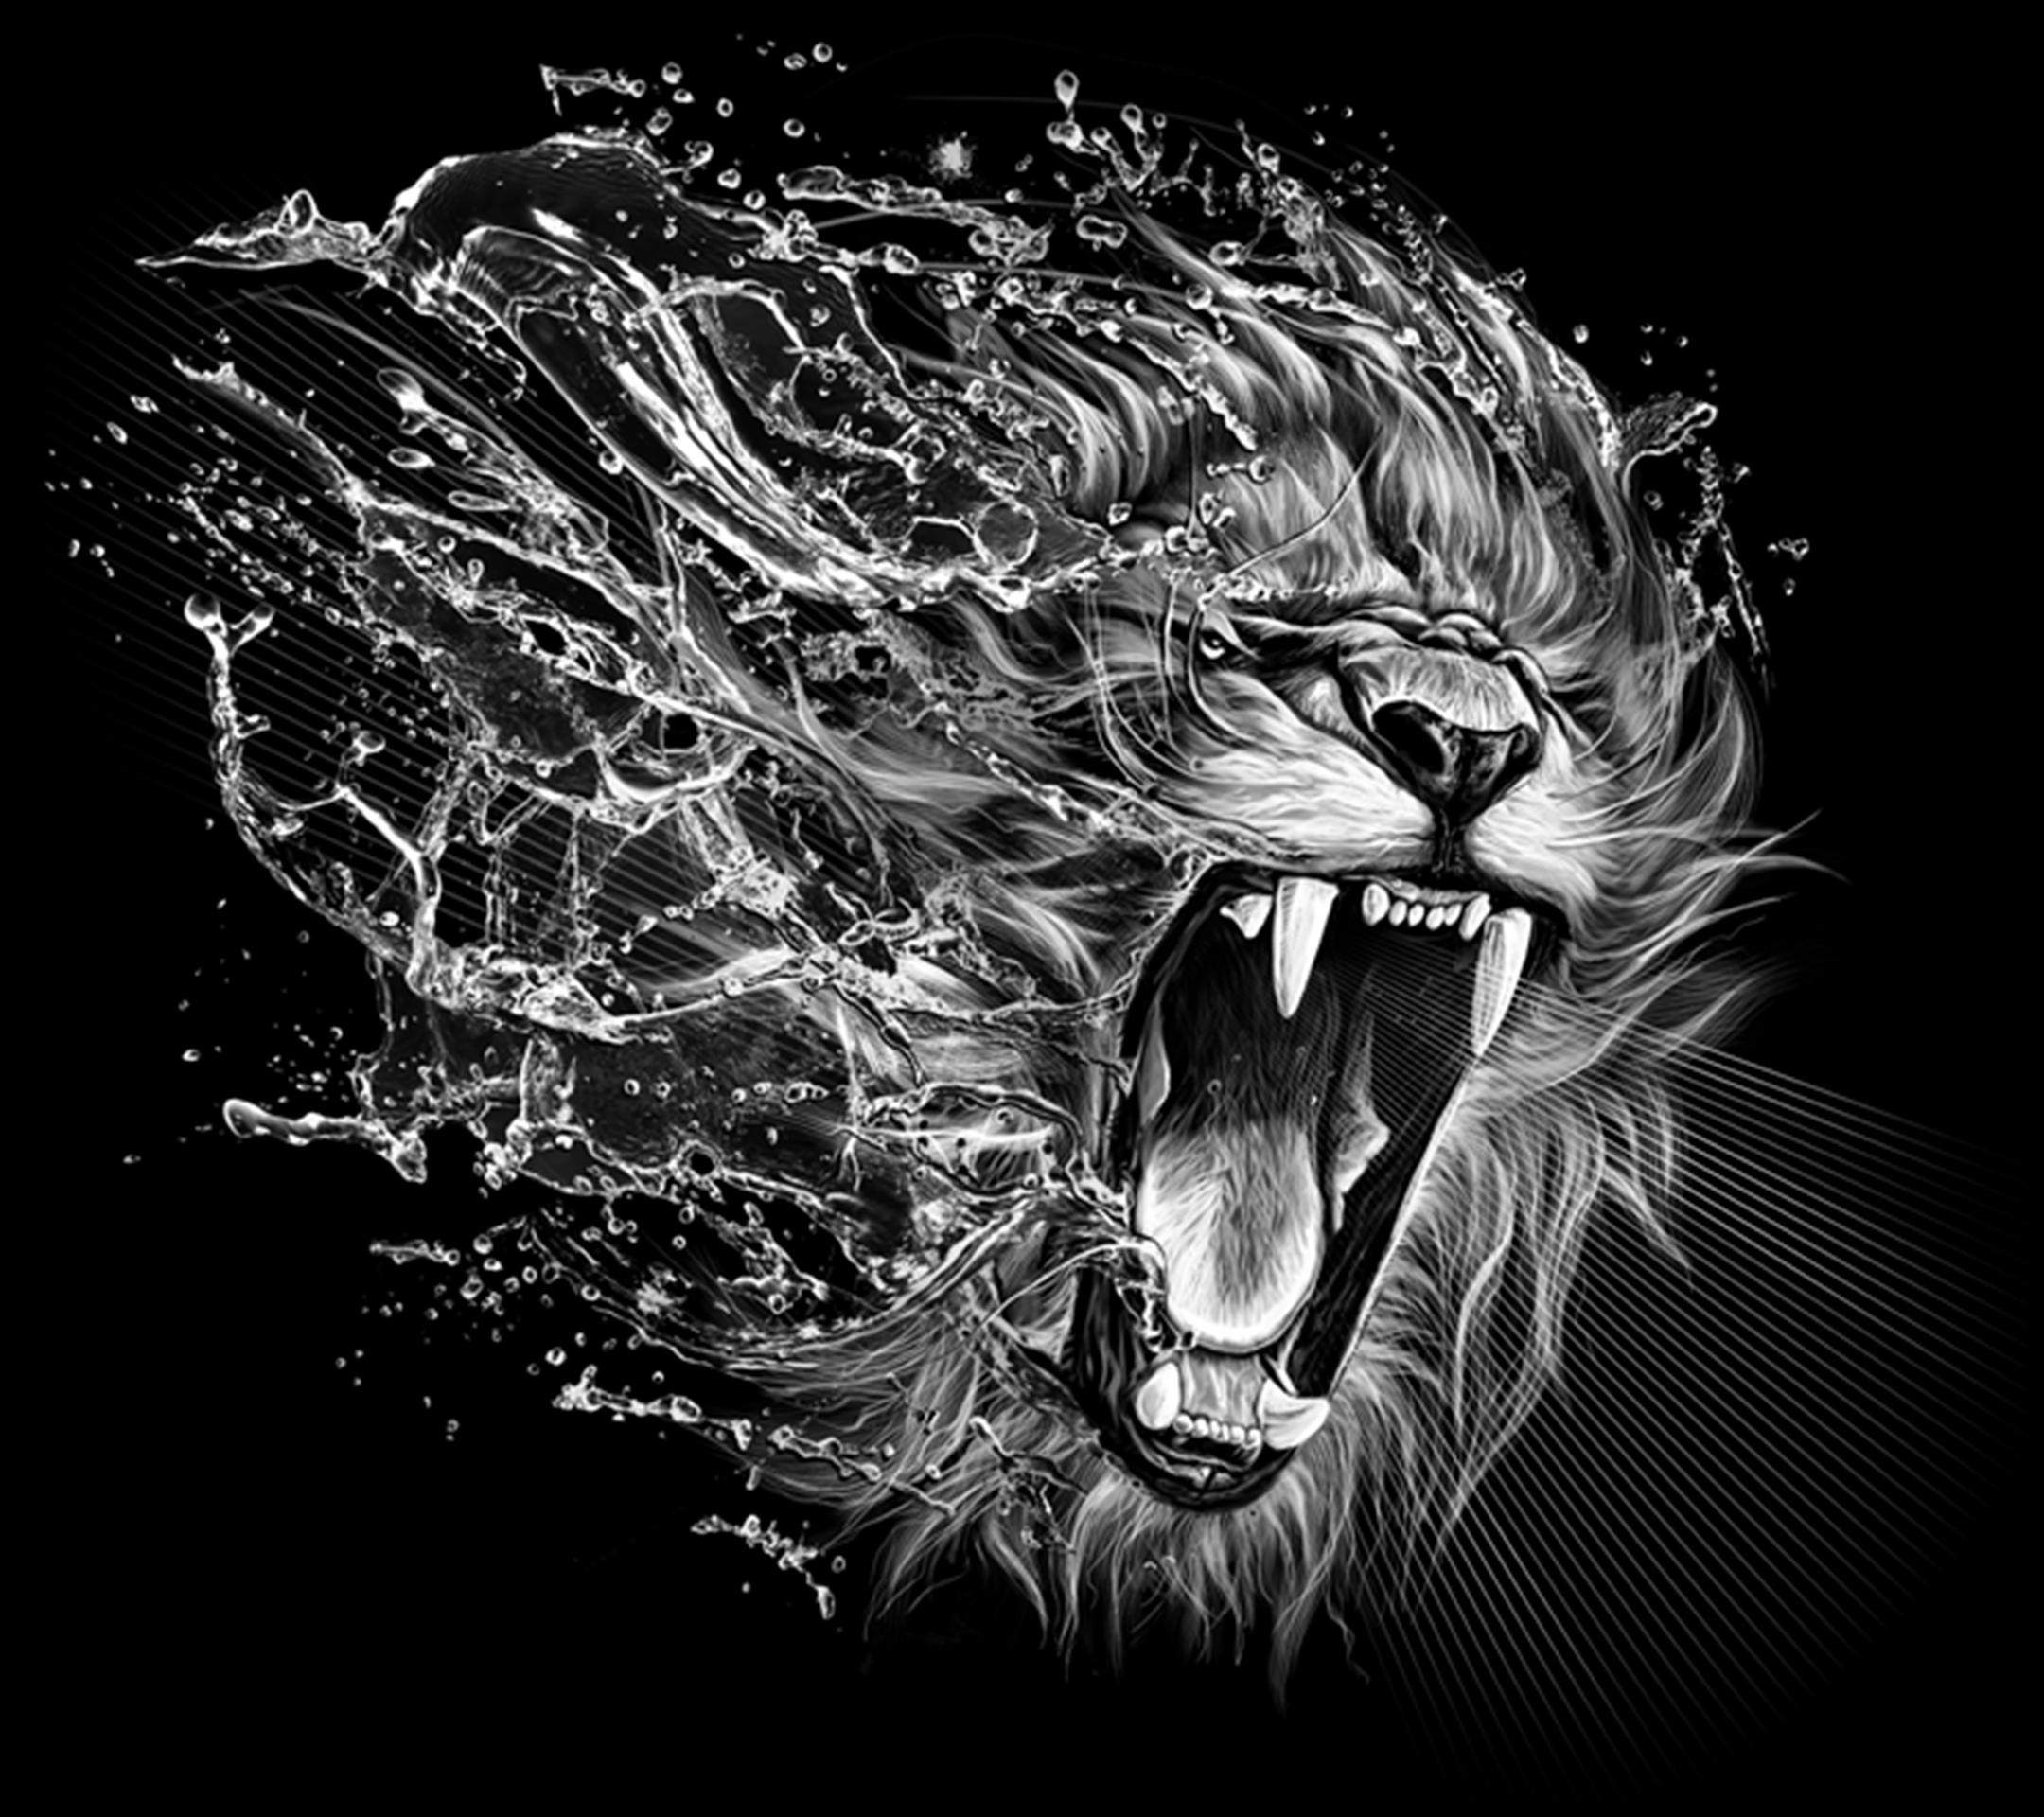 Favori Fond d'écran Galaxy S5 Lion 02 2160x1920 gratuit DT97